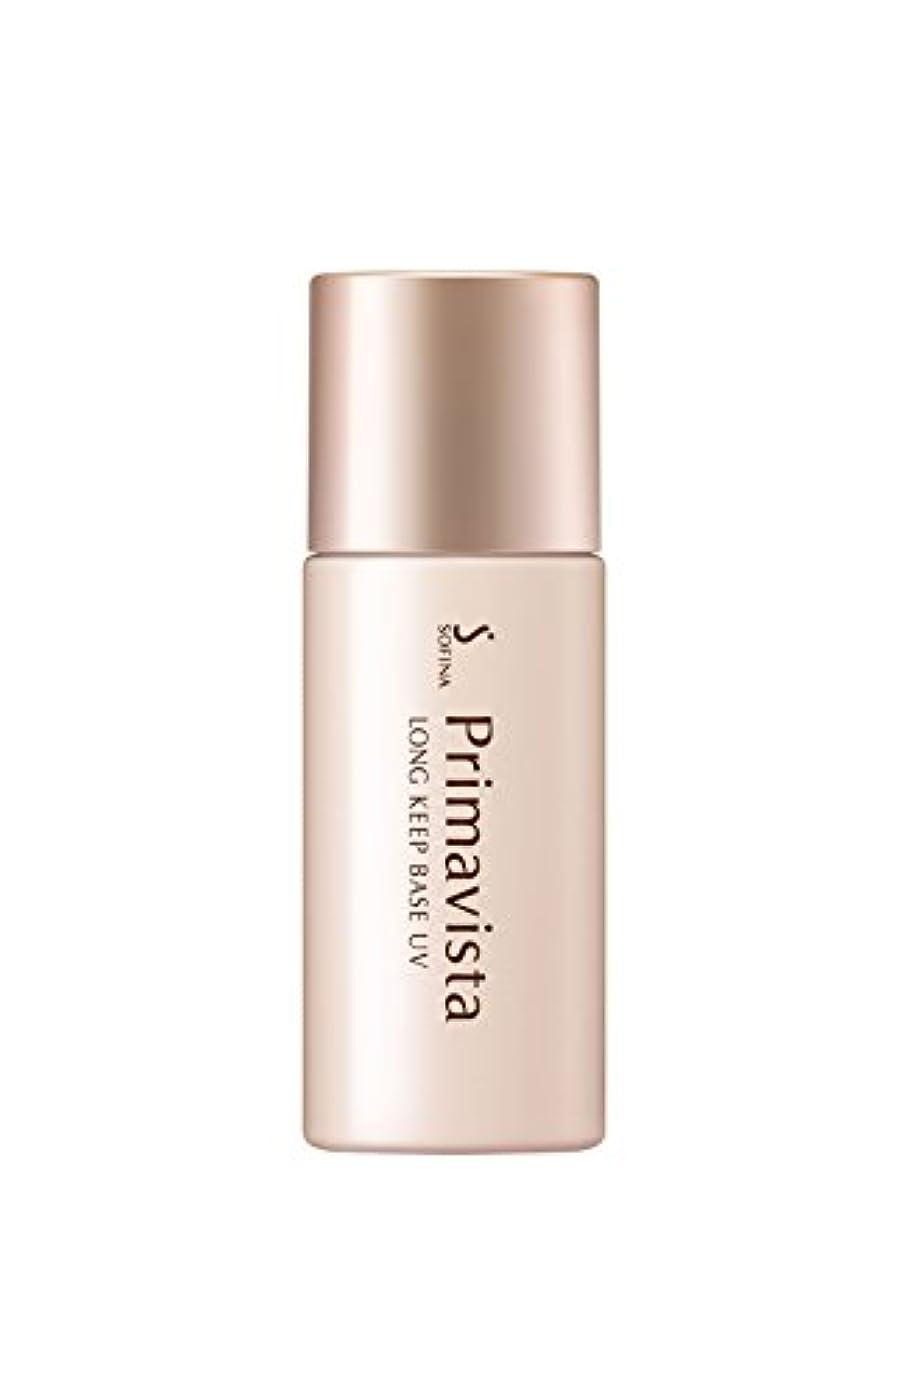 ハシー空いているダイバープリマヴィスタ 皮脂くずれ防止化粧下地UV SPF20 PA++ 本体 単品 本体(25ml)